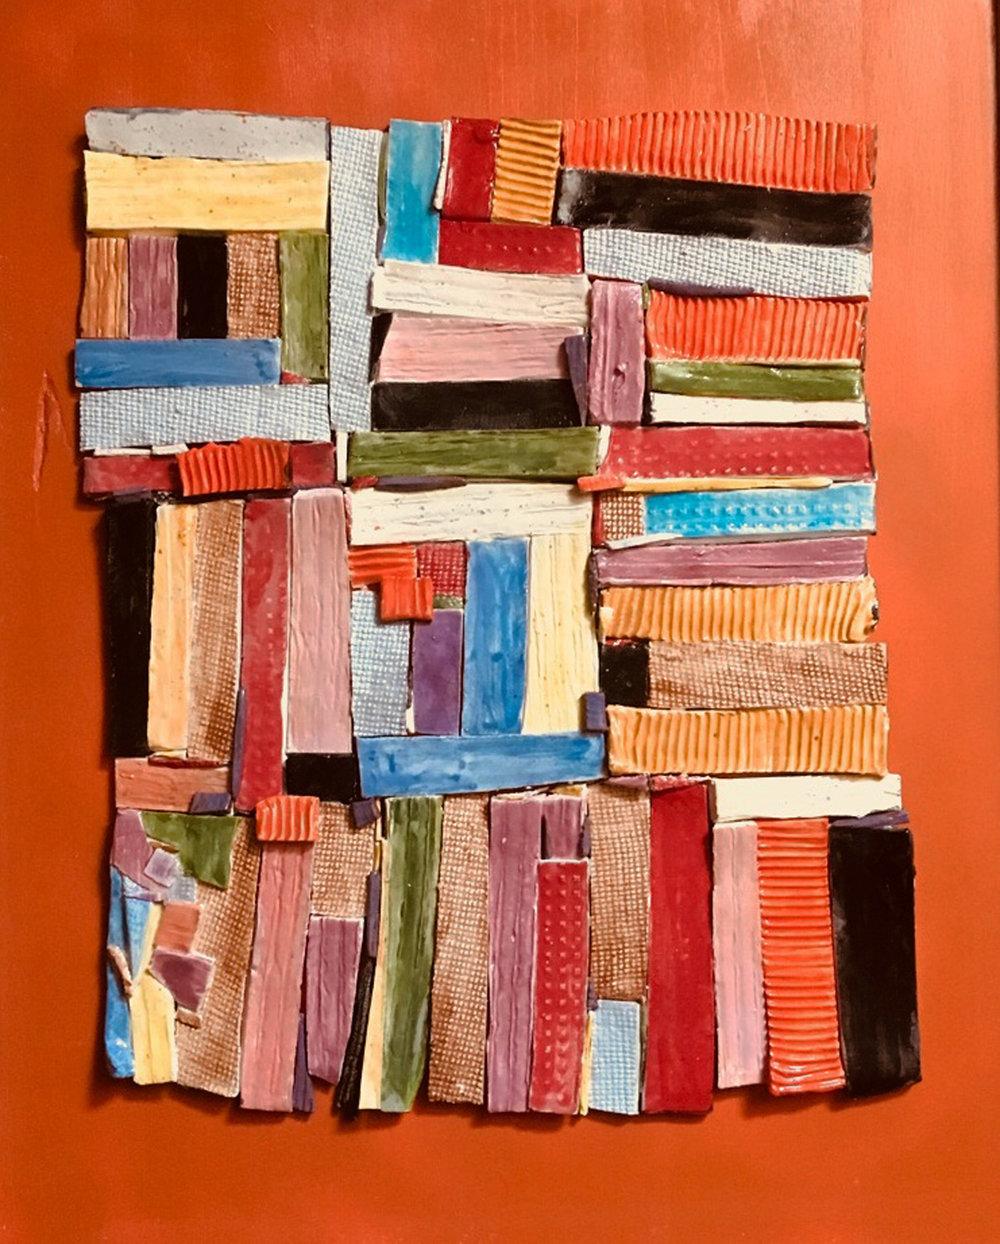 GalleryOonH-Kasse Andrews Weller-Tribute to Gees Bend Quilt 1-2018-Ceramic-21x25-500.jpg